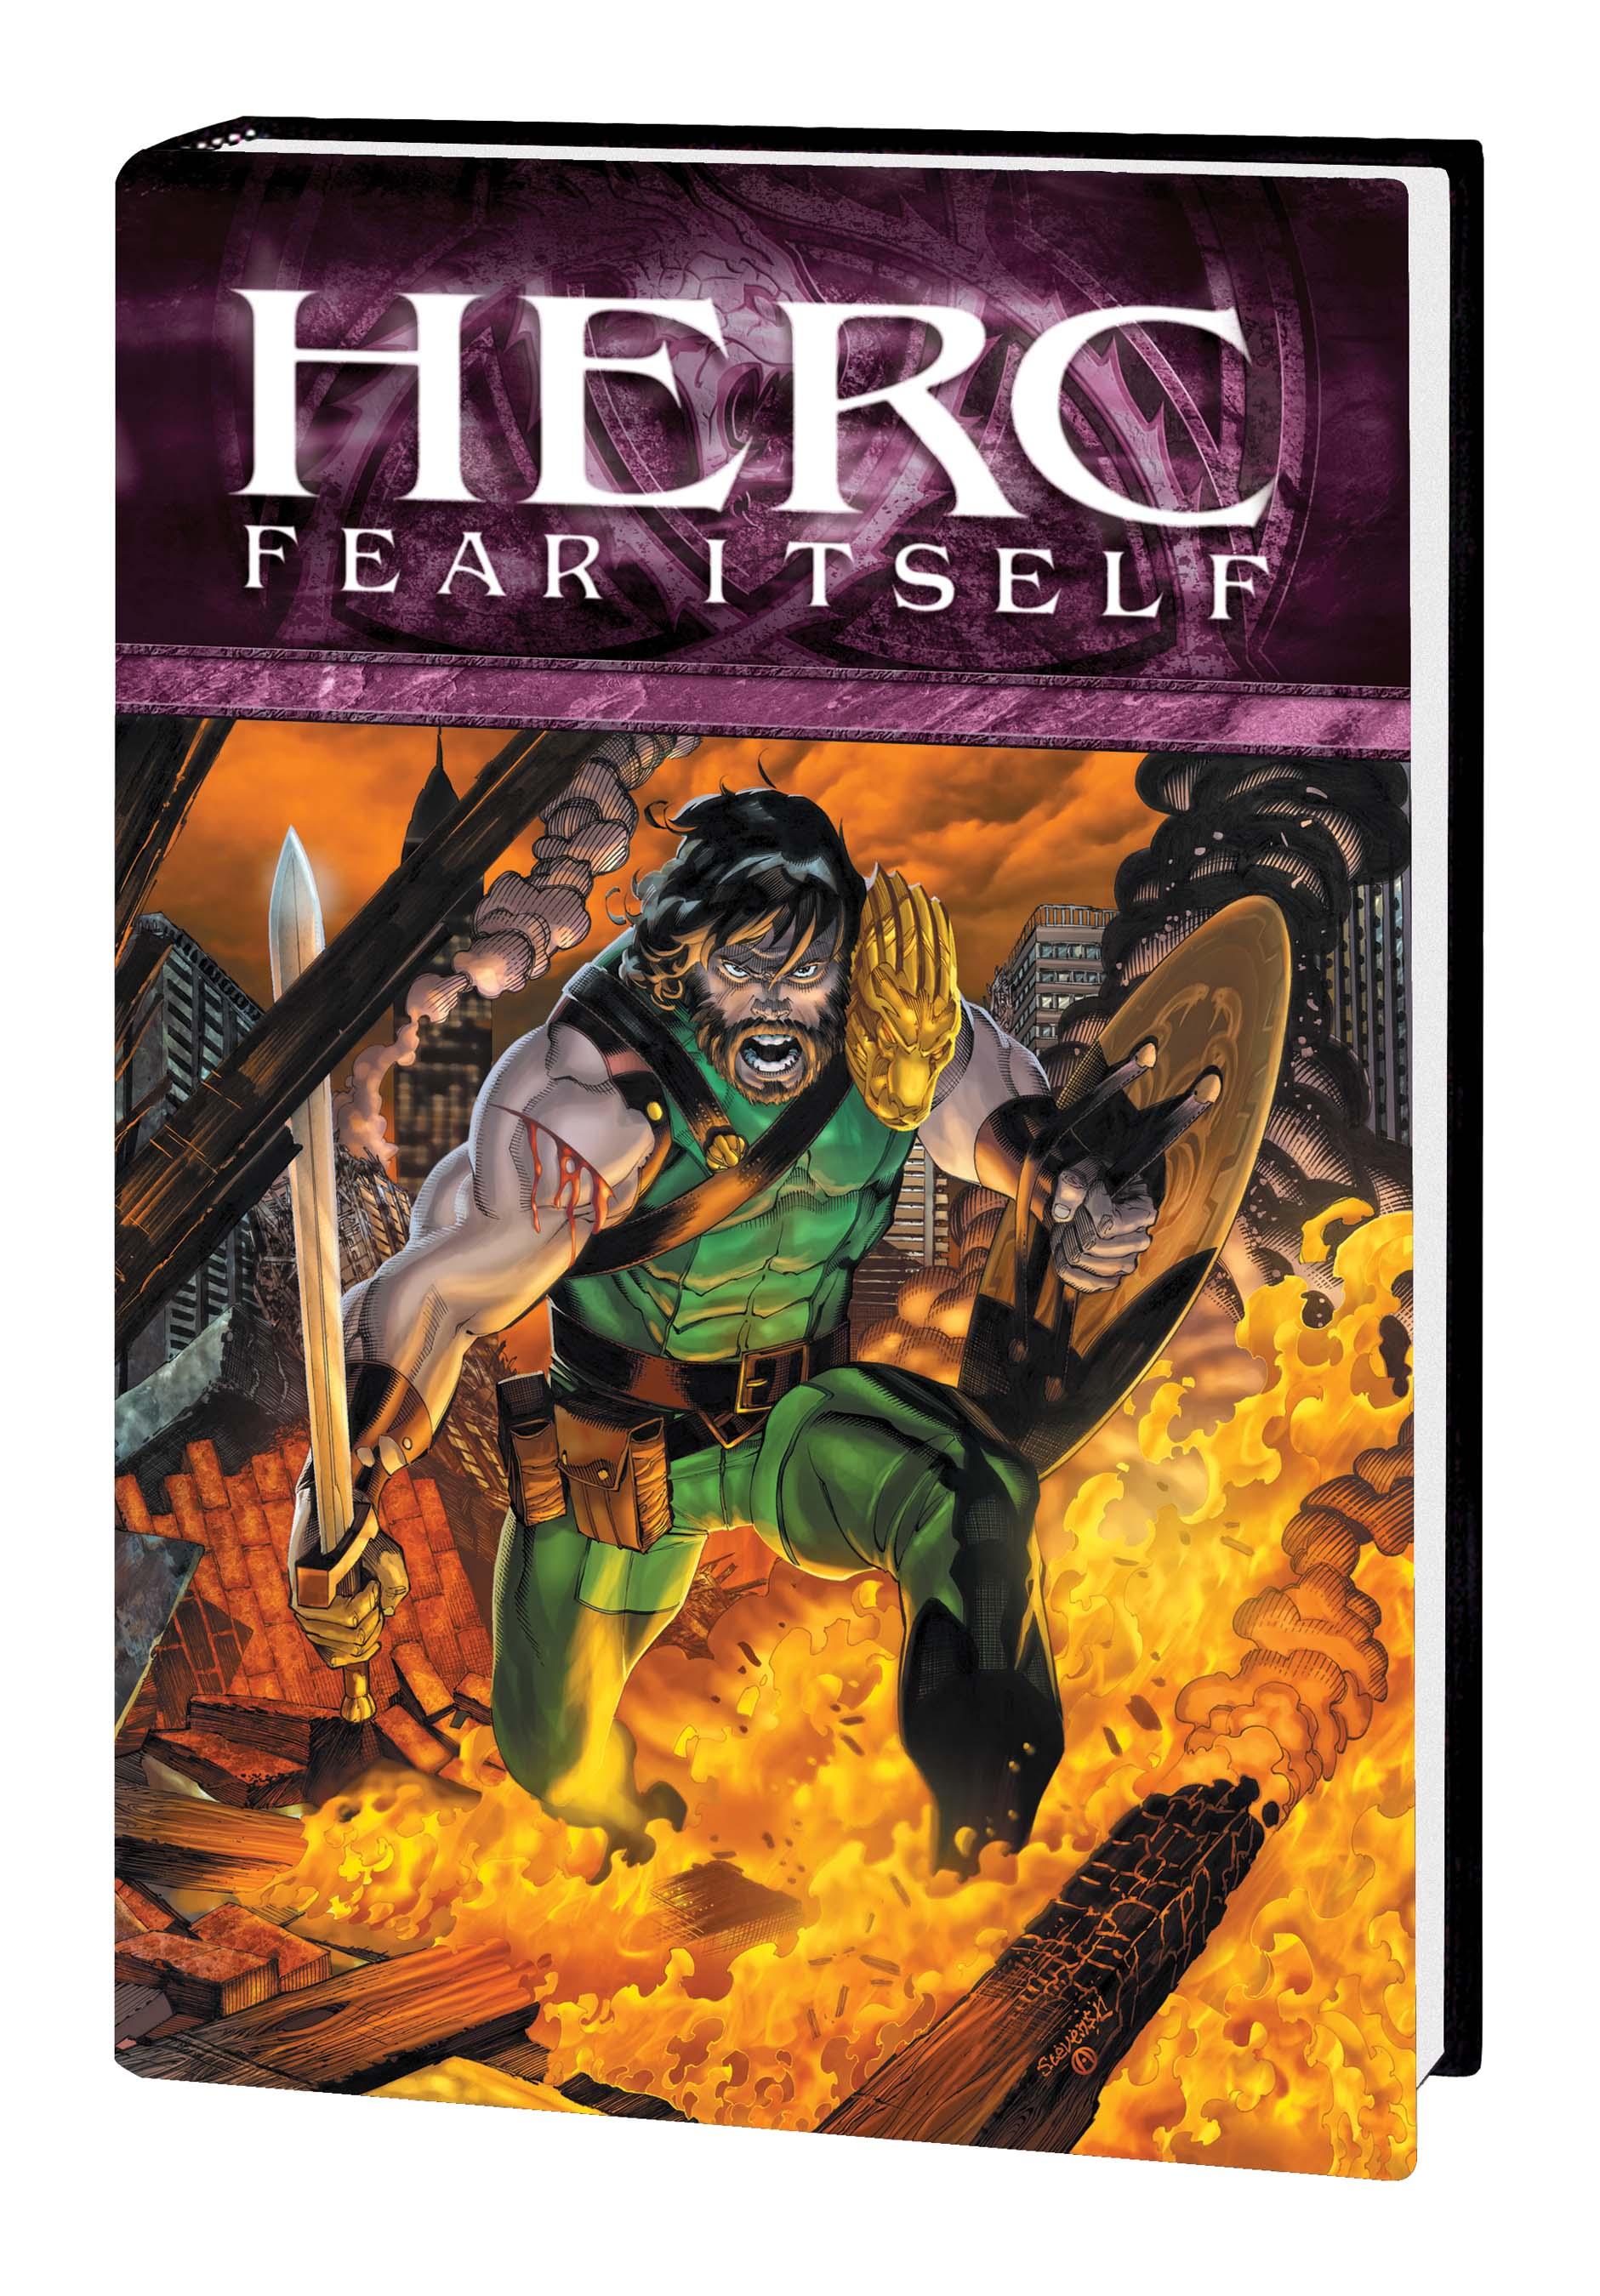 FEAR ITSELF: HERC PREMIERE HC (Hardcover)